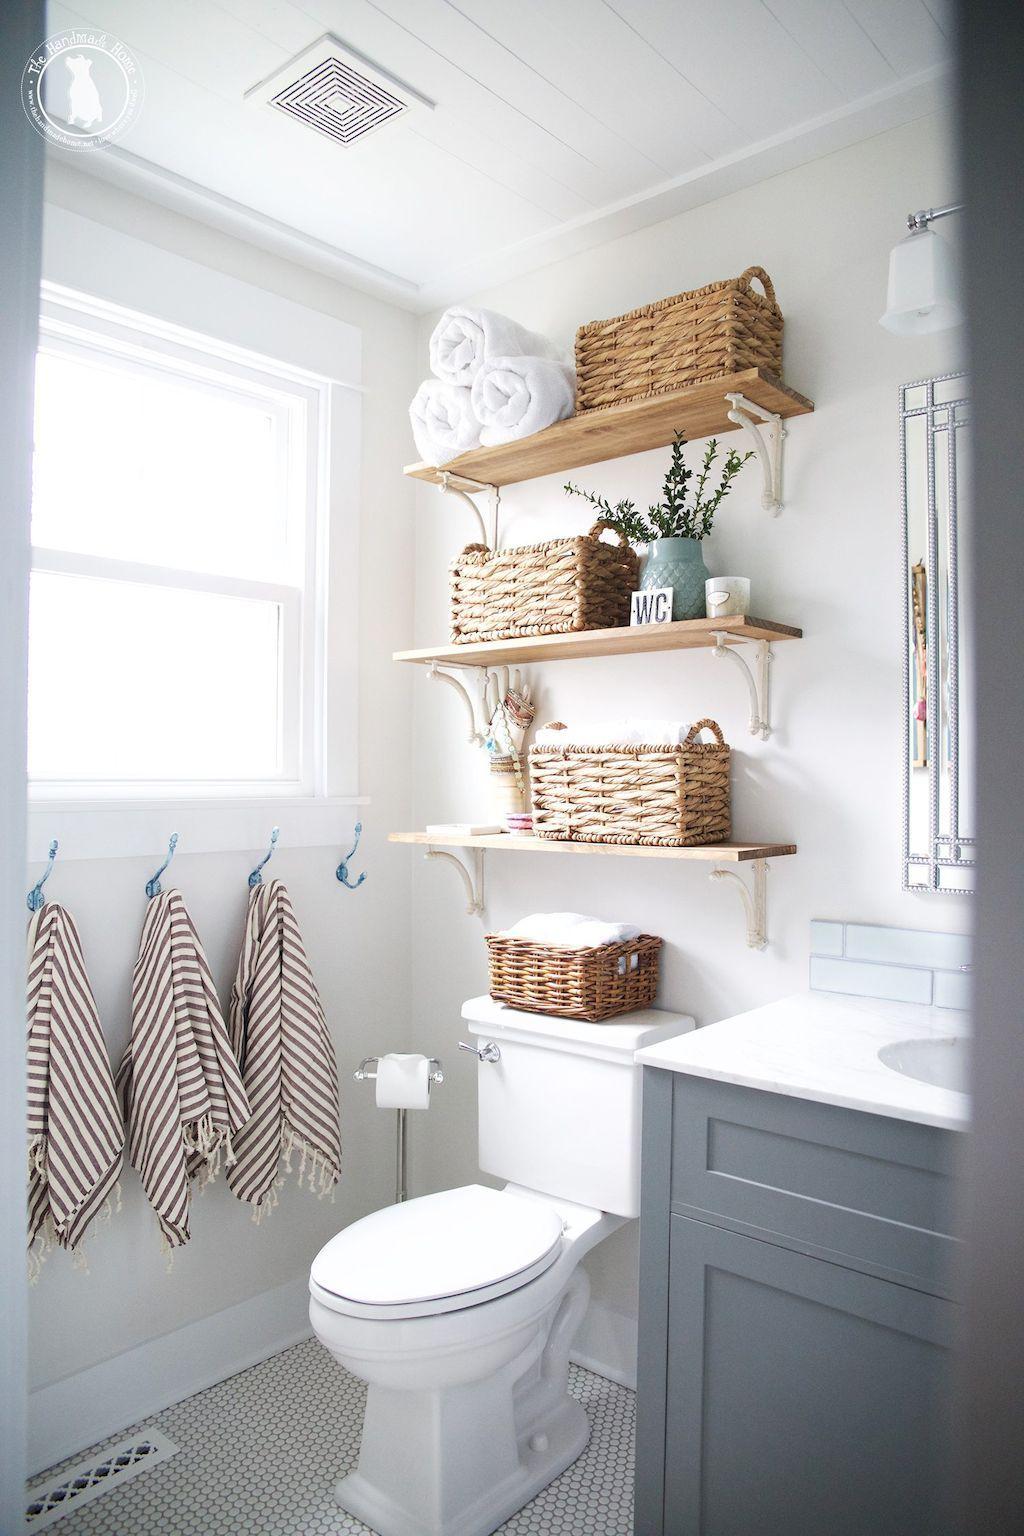 Badezimmer dekor ideen 2018 pin von sev da auf wohnen in   pinterest  badezimmer baden